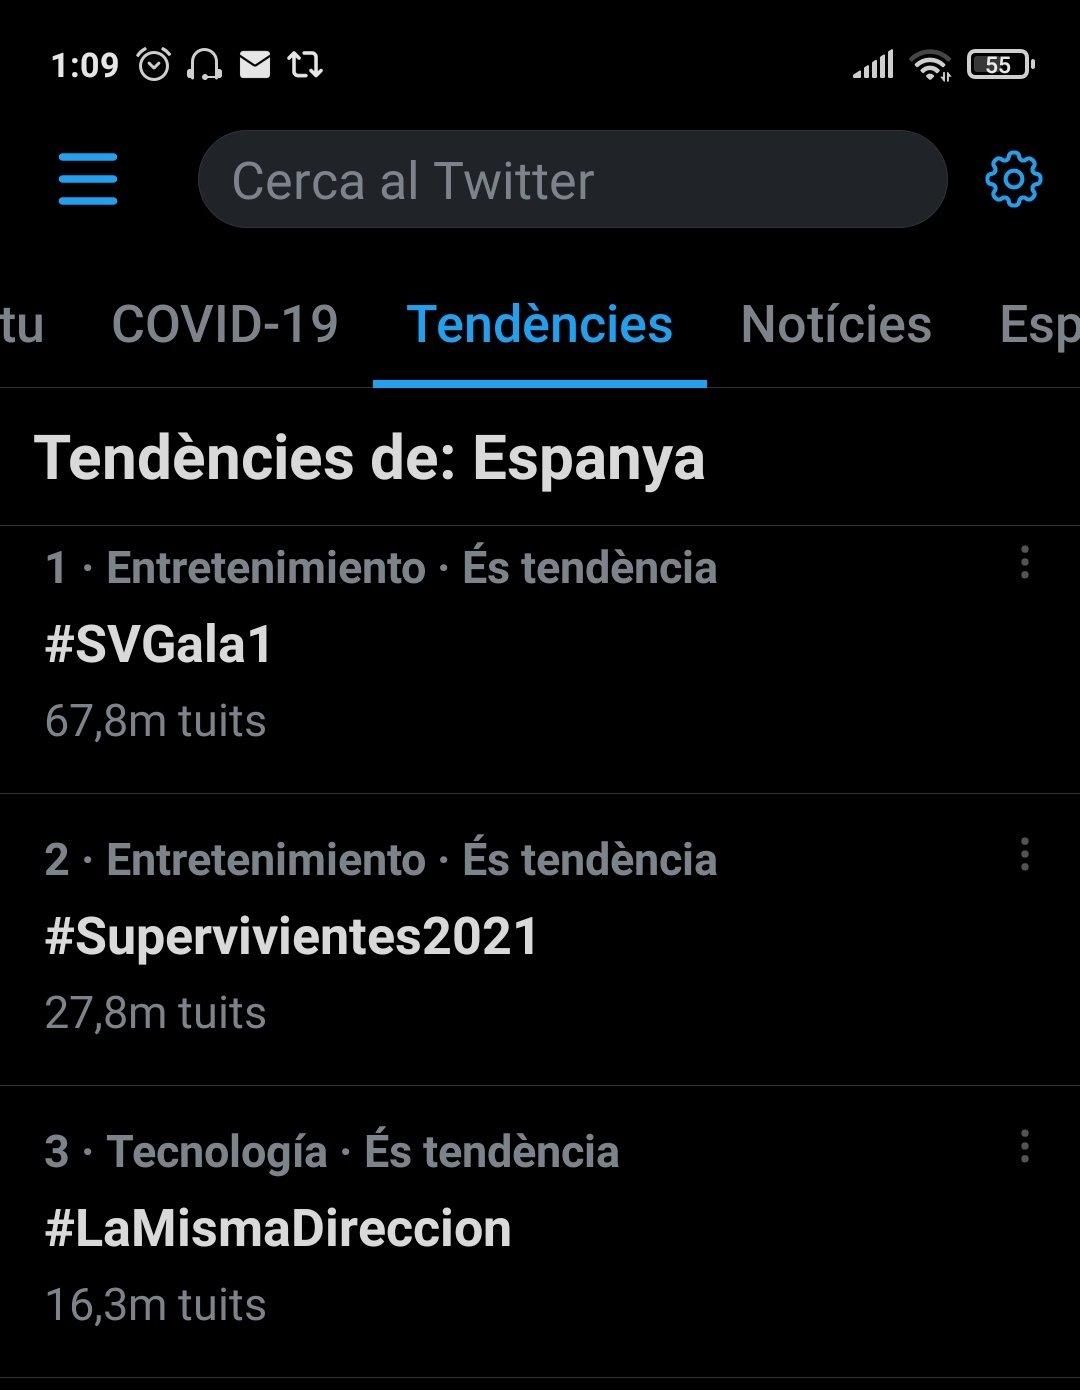 #LaMismaDireccion Foto,#LaMismaDireccion está en tendencia en Twitter - Los tweets más populares